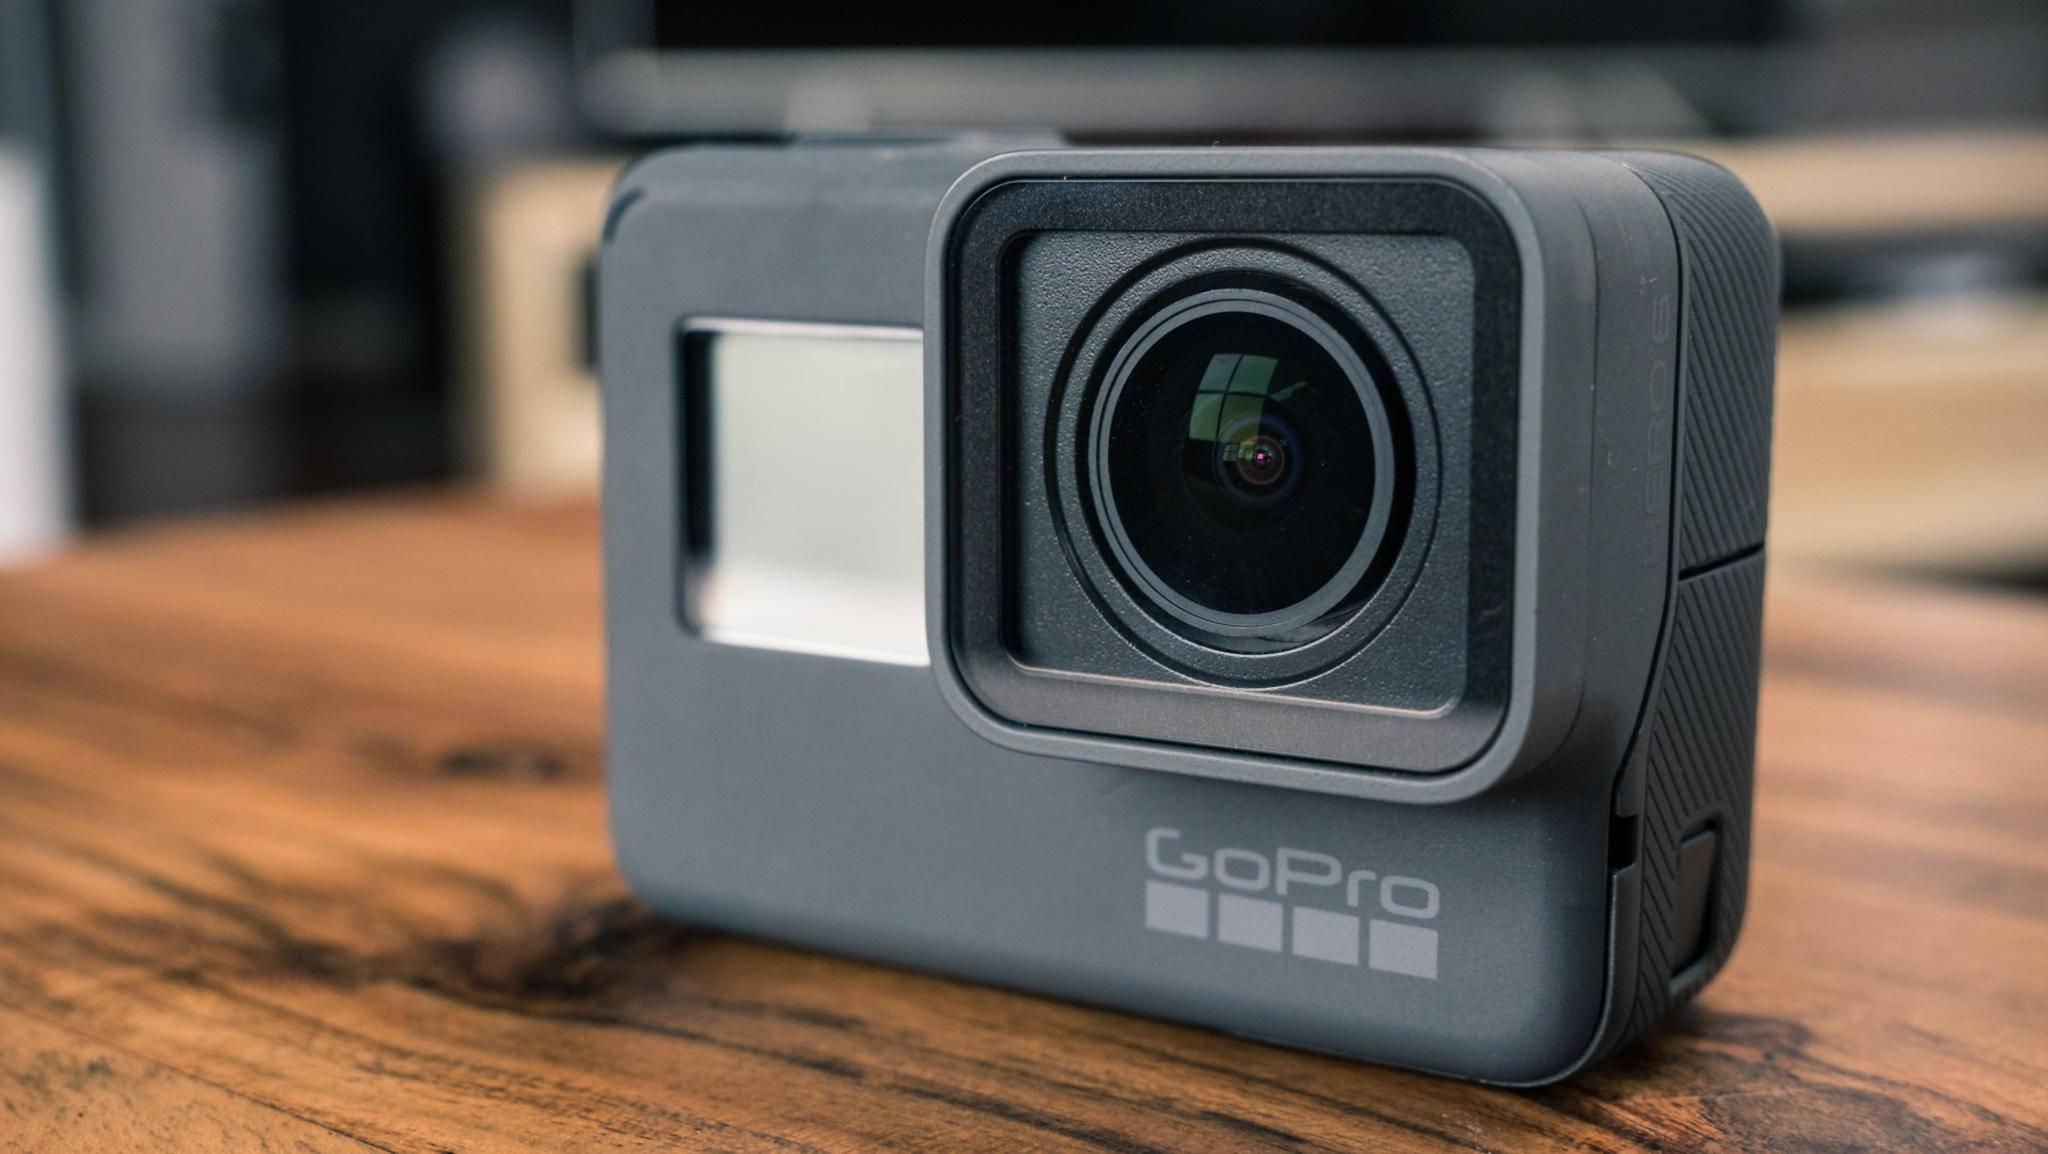 Kommt bald eine günstigere Ergänzung zur GoPro Hero 6 Black auf den Markt?